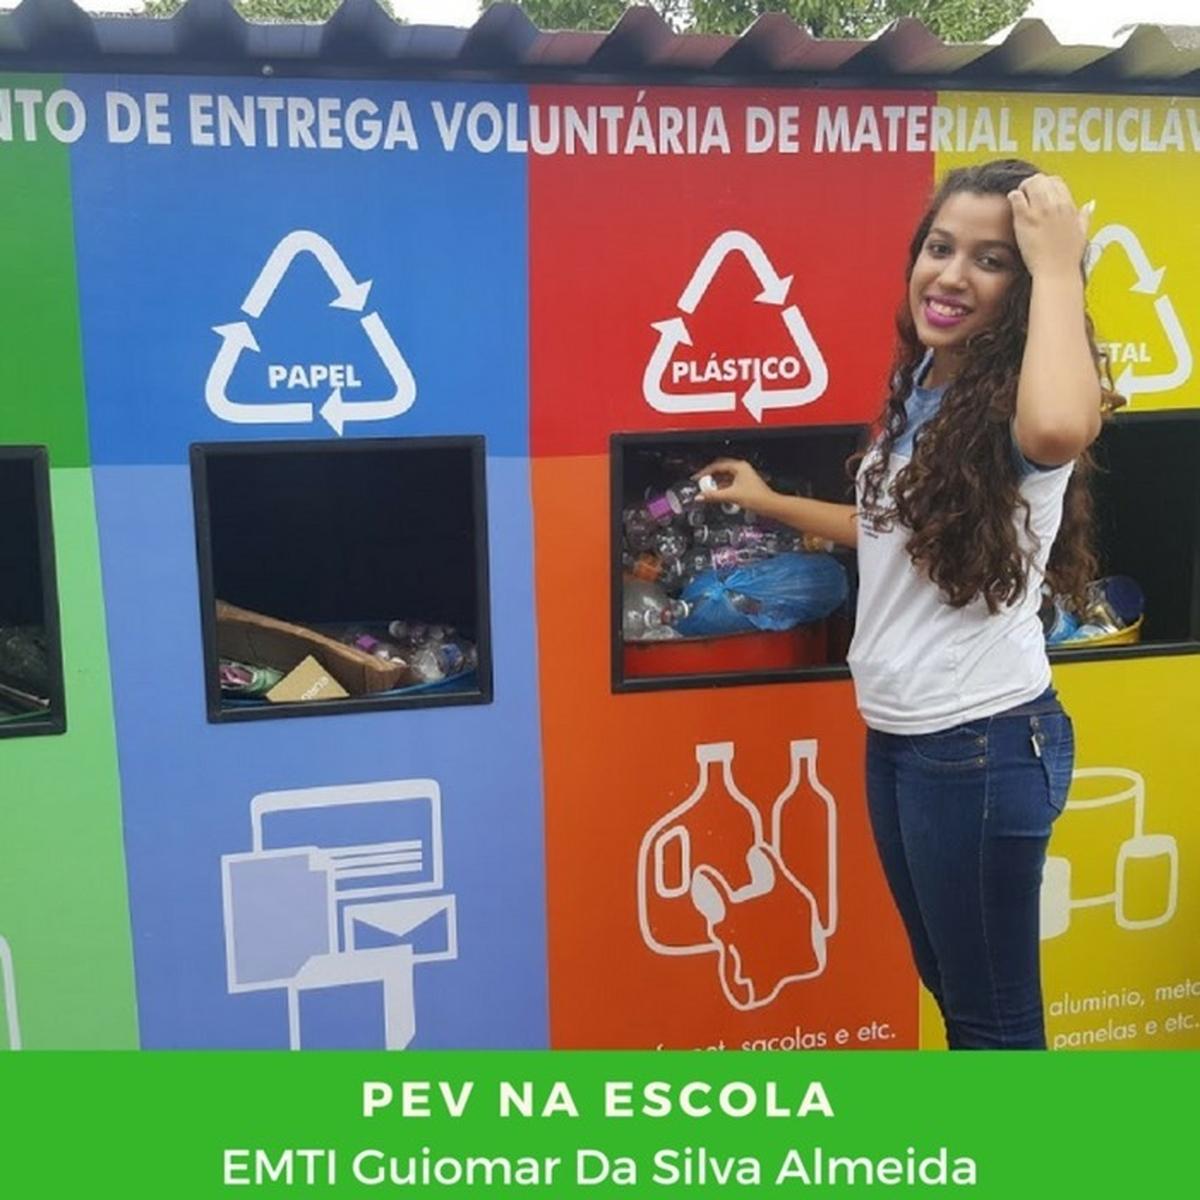 Limpa Brasil - Let's do it Escola Ponto Permanente de Recicláveis - EMTI Guiomar da Silva Almeida